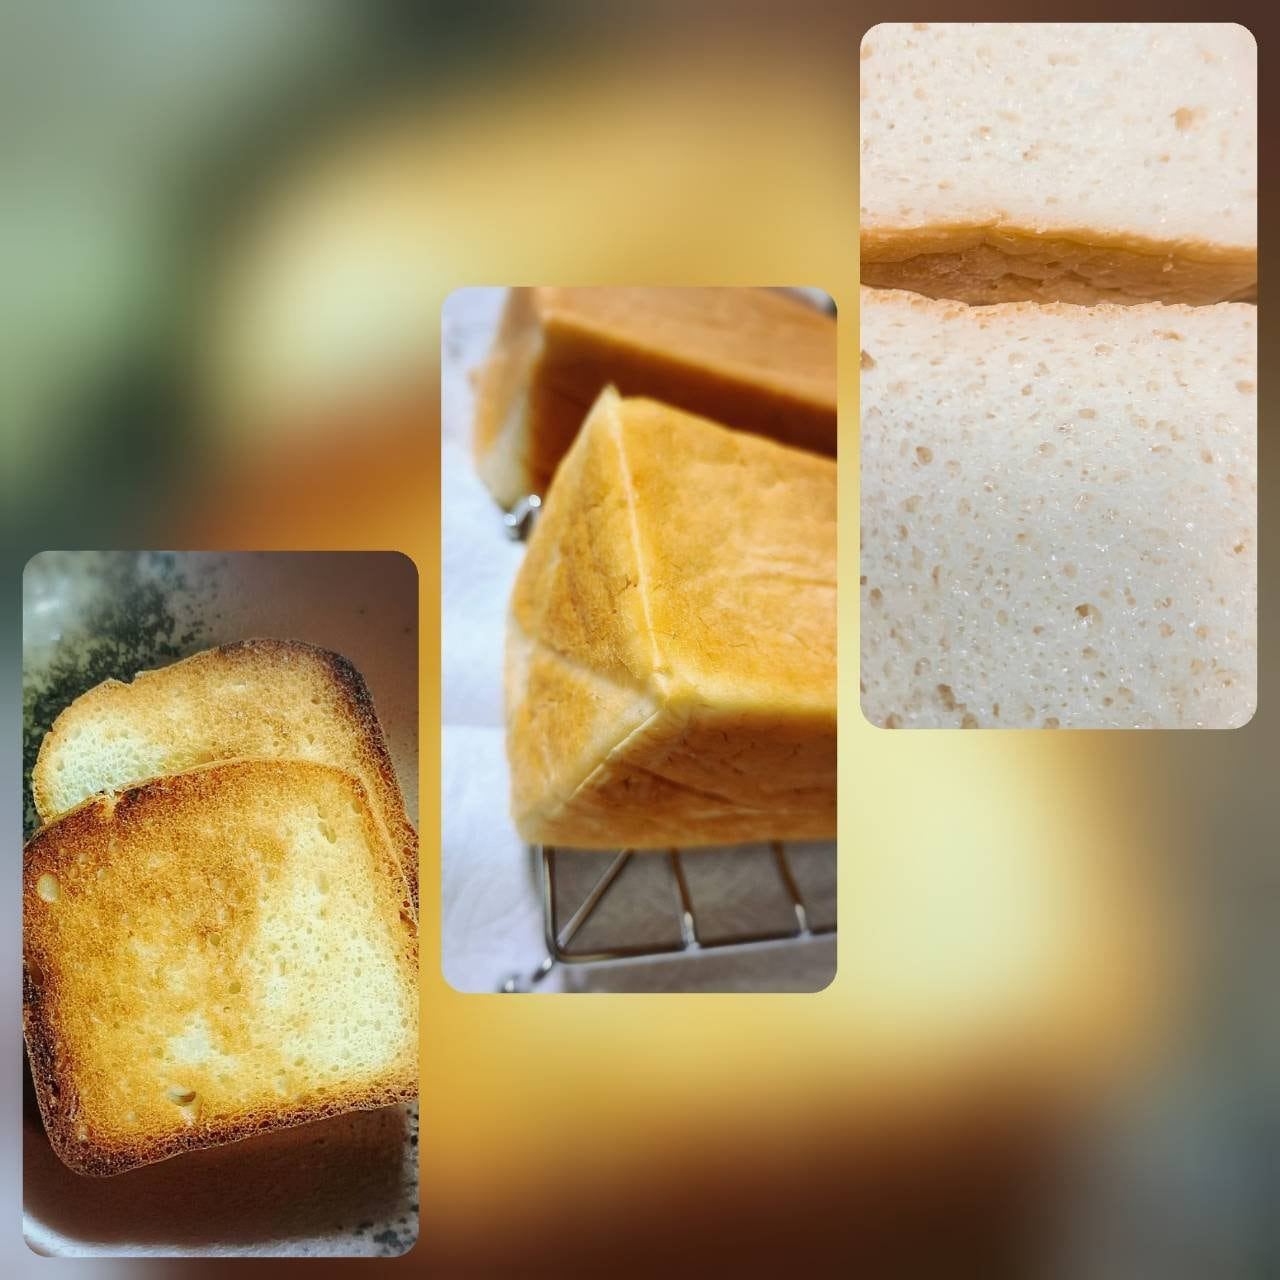 神戸・元町 Cafe Clotho にて グルテンフリー100%米粉食パン ワークショップ・ワンドリンク付のイメージその1